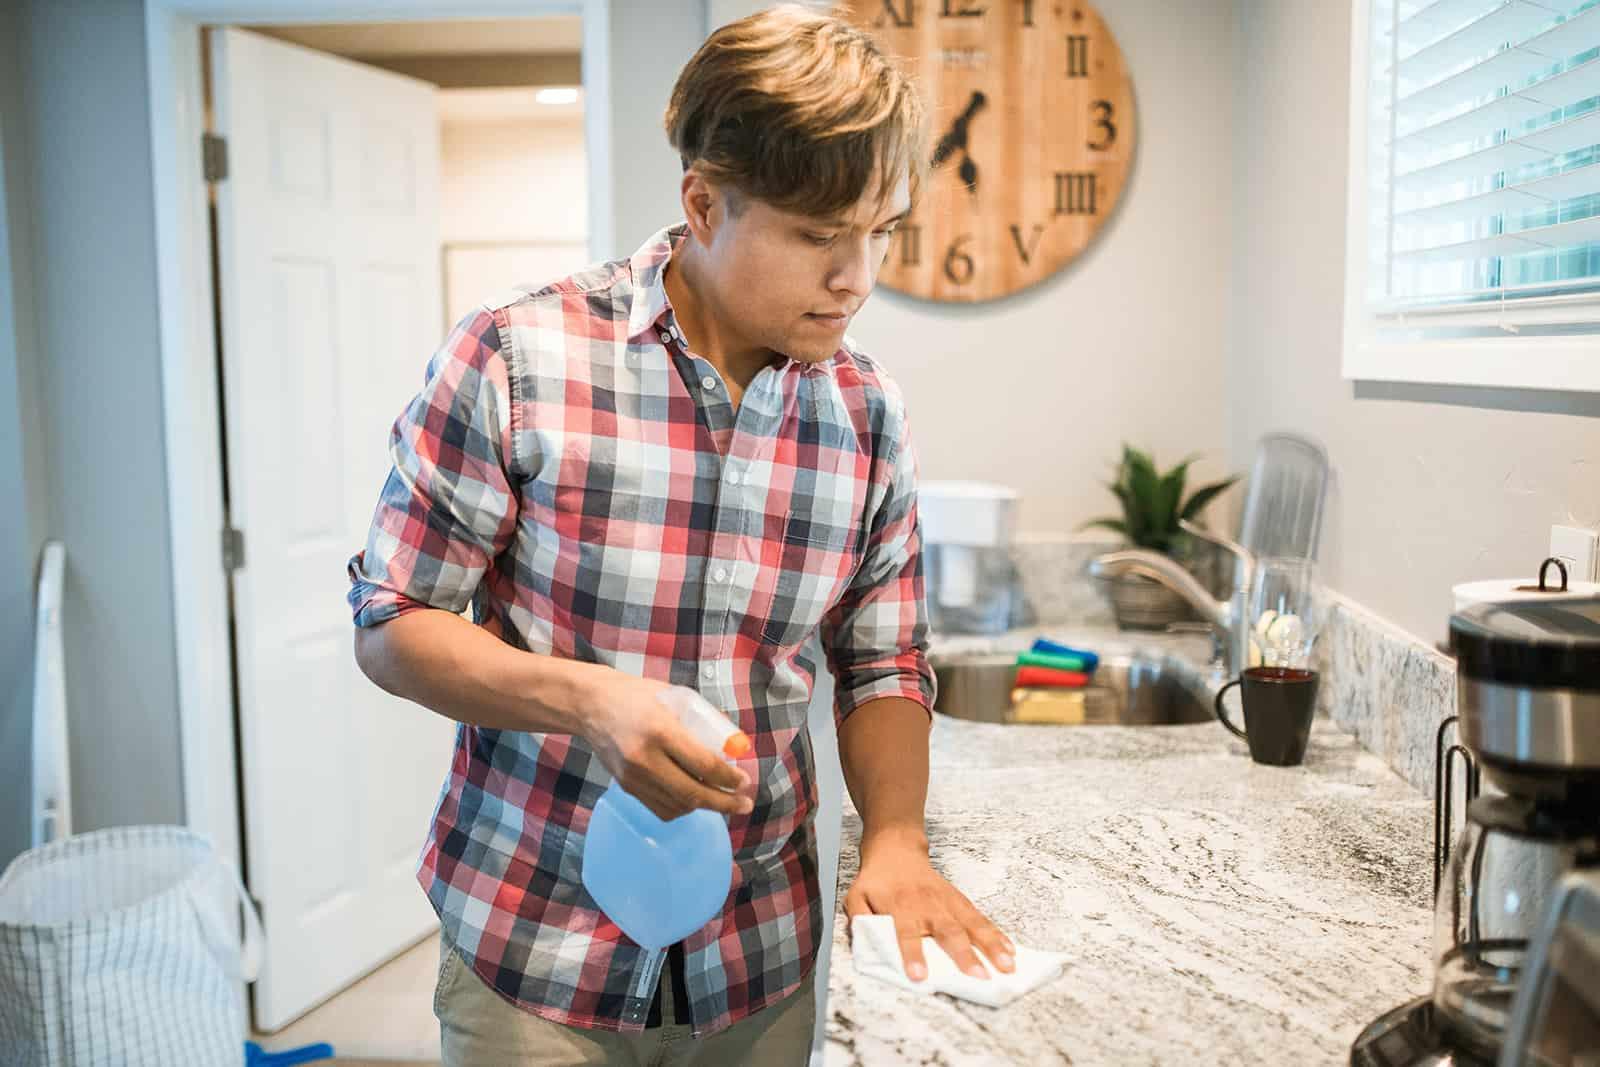 ein Mann, der eine Küche mit weißem Papier putzt